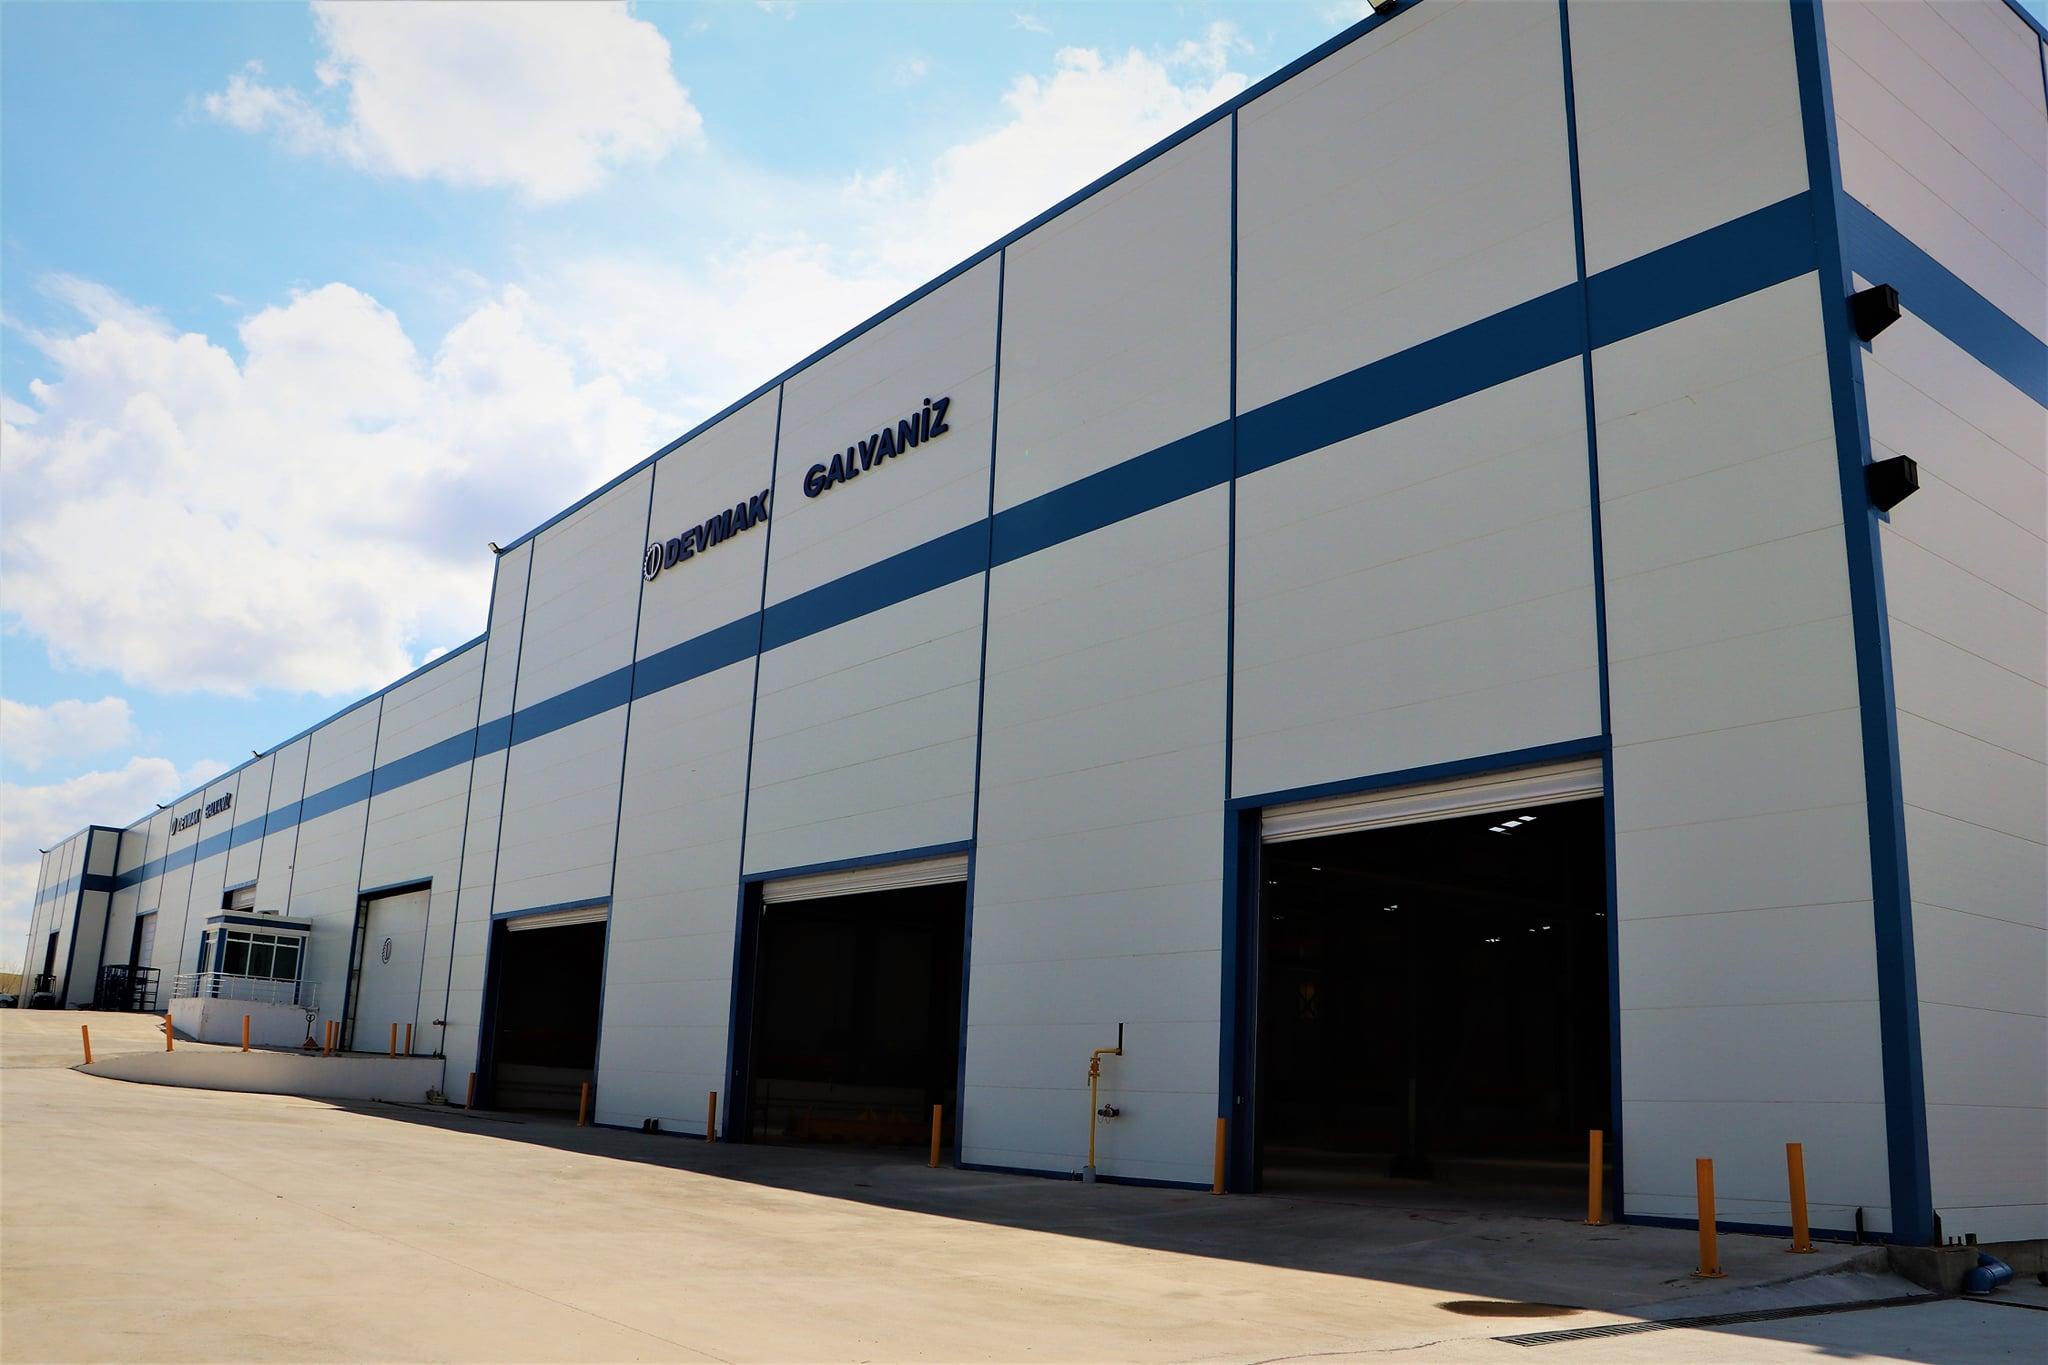 Çelik konstrüksiyon ve galvaniz sektöründe yükselen değer : DEVMAK GALVANİZ